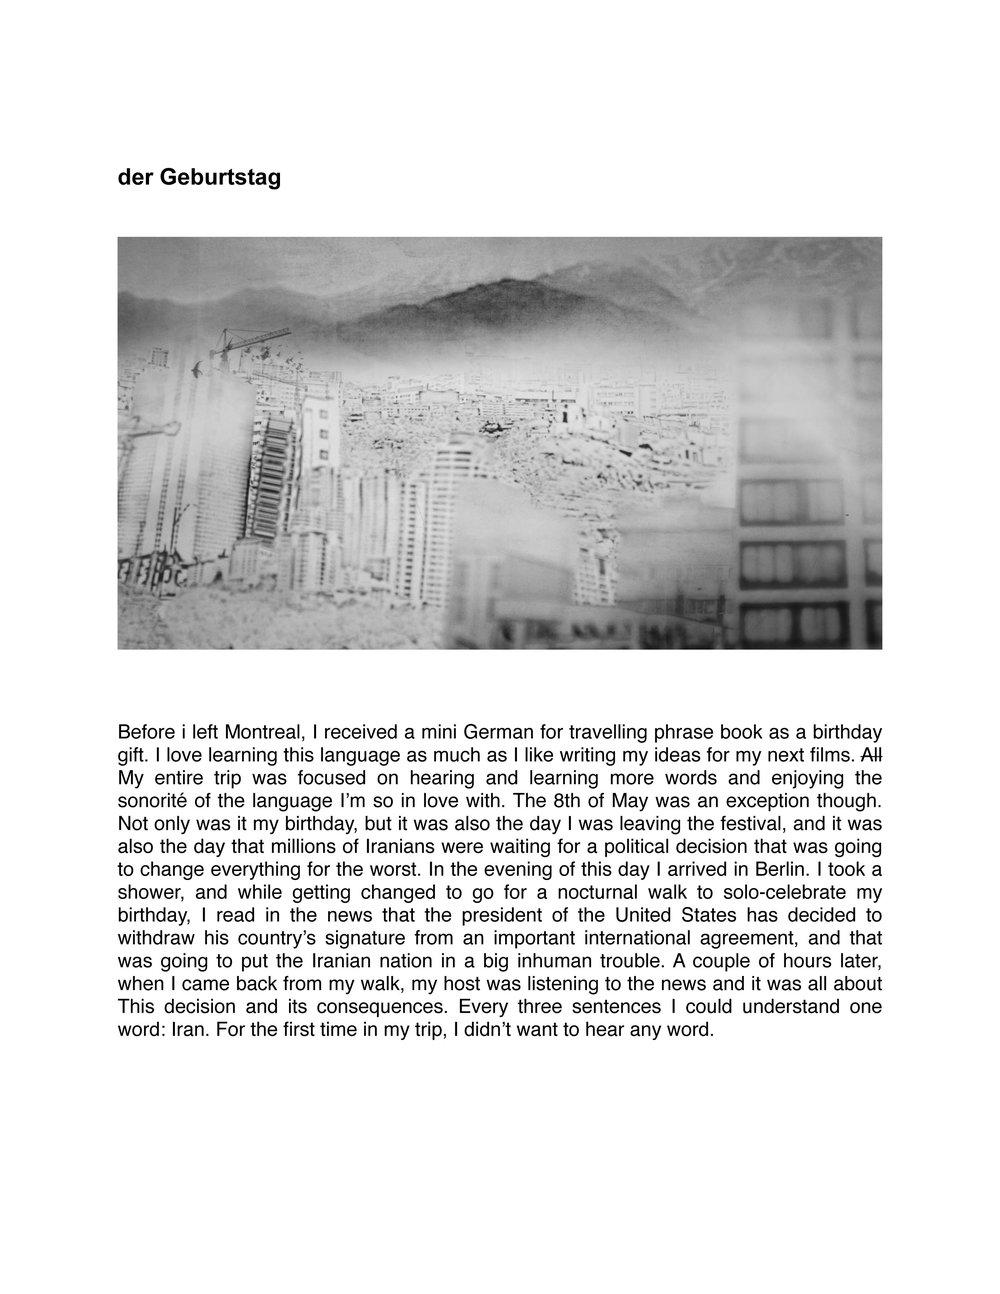 oberhausen-page7.jpg